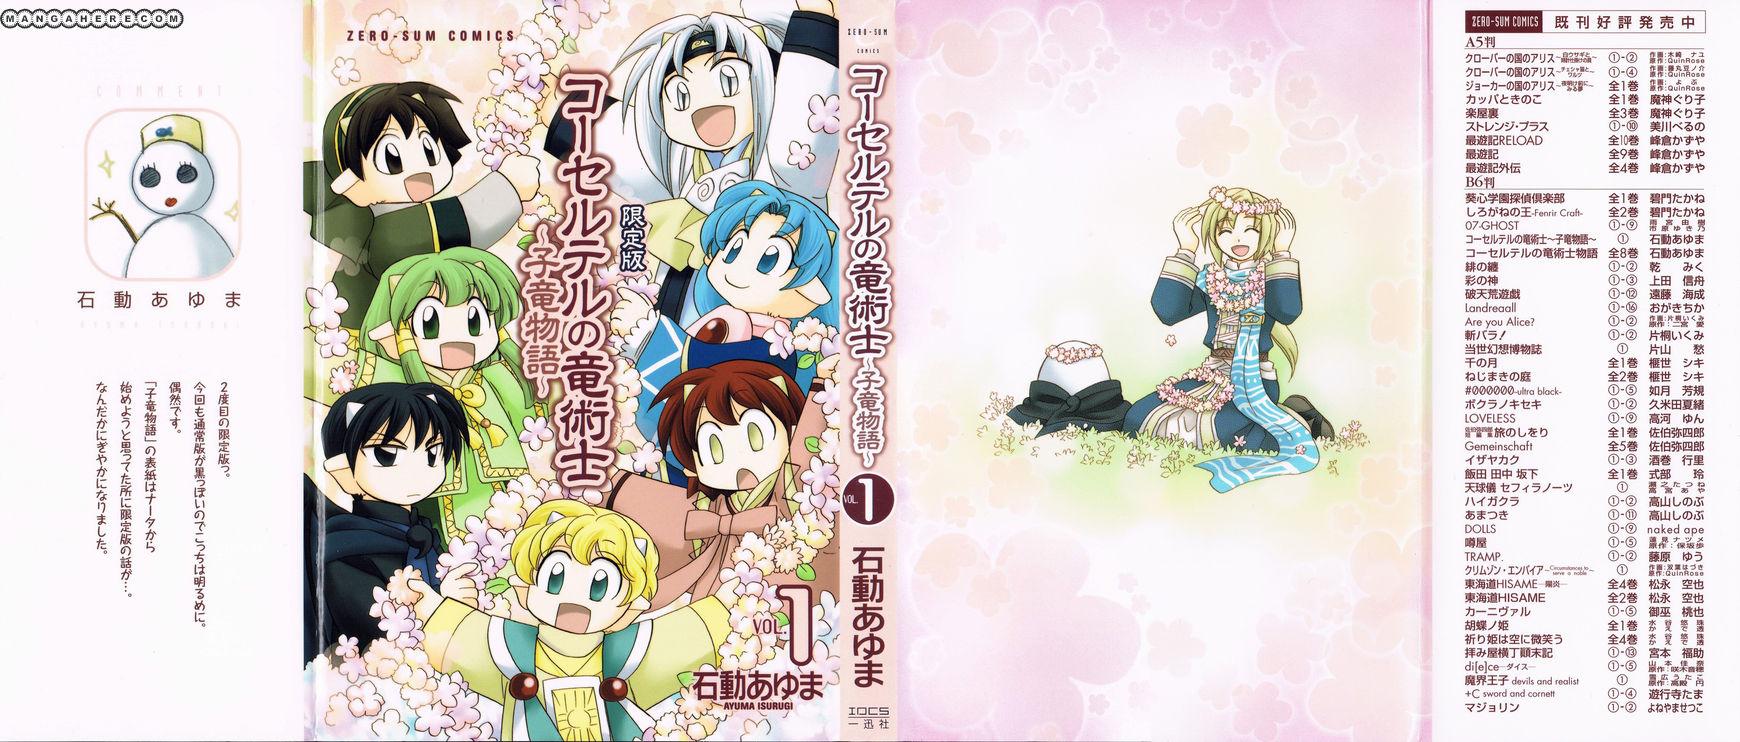 Corseltel no Ryuujutsushi - Koryuu Monogatari 1 Page 1